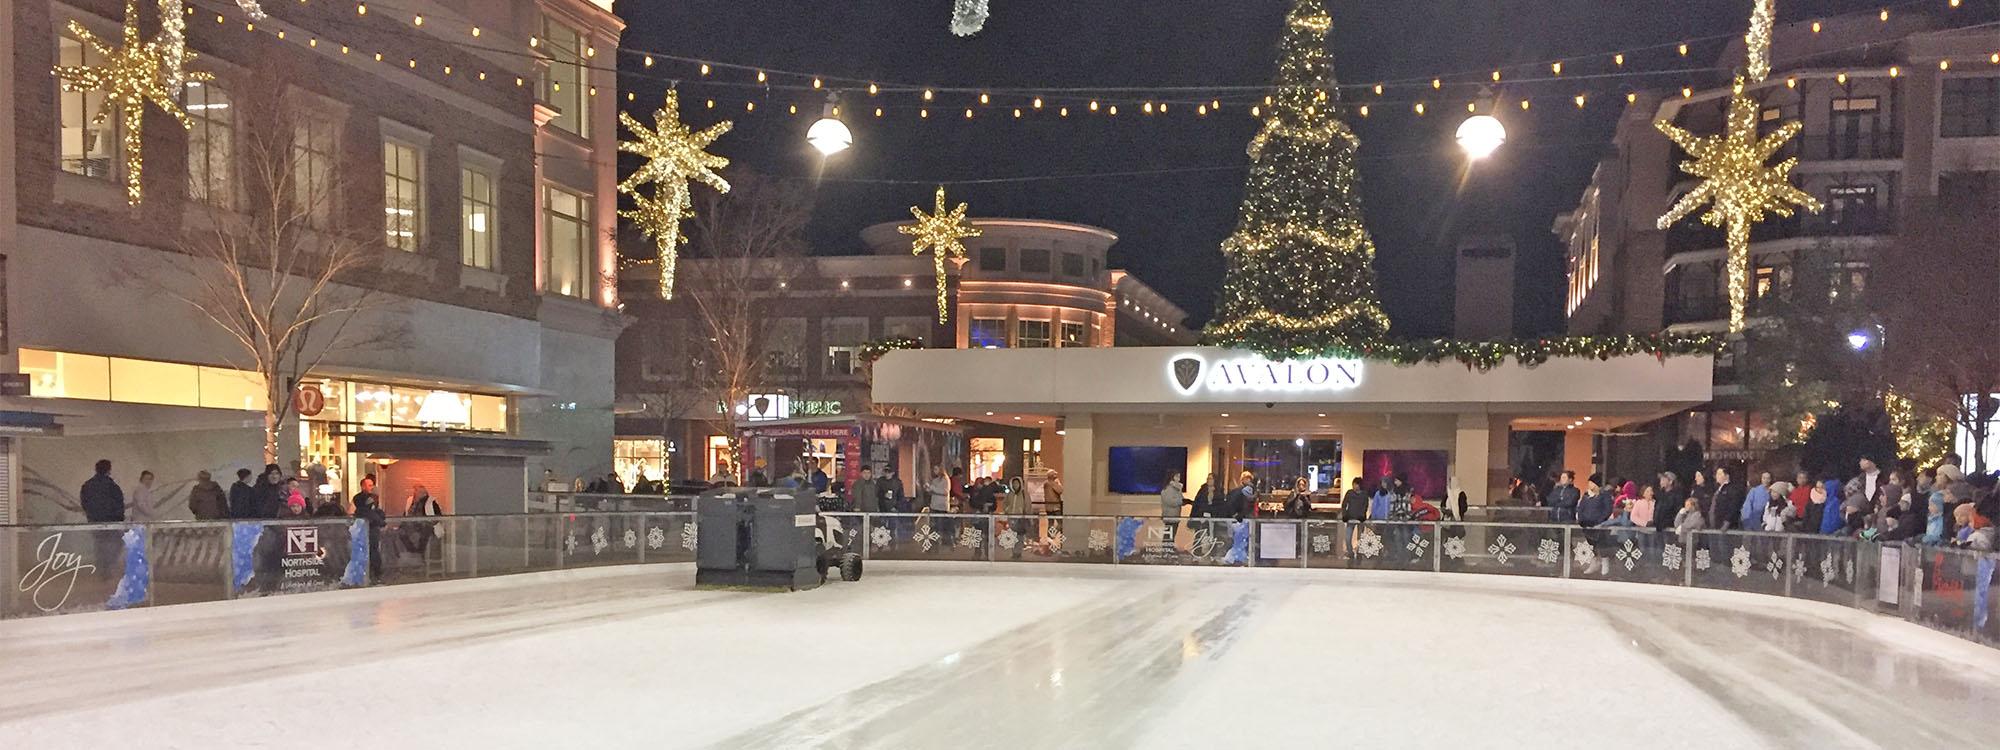 Where to Go Ice Skating in Atlanta